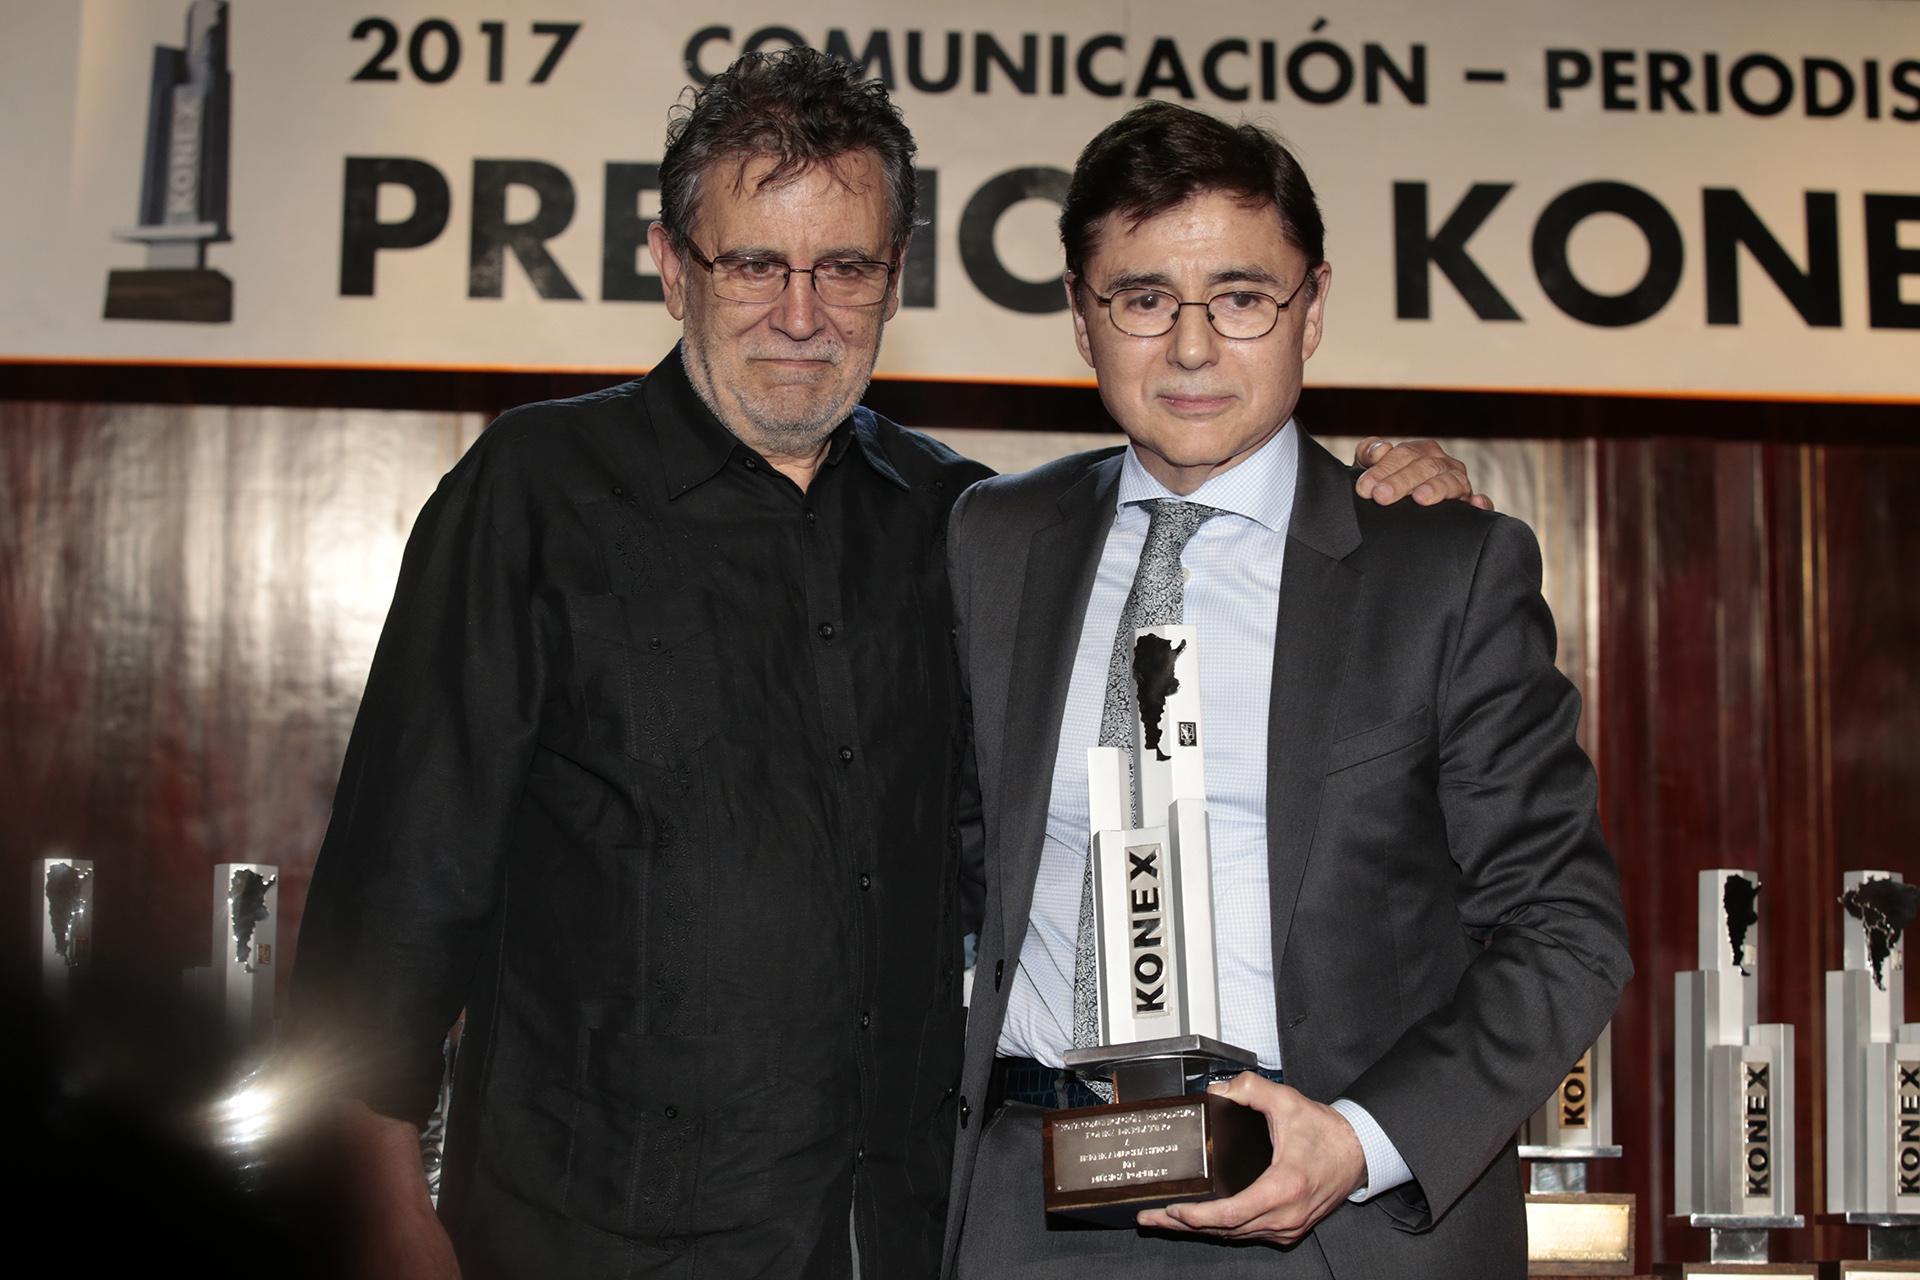 Jorge Fontevecchia recibió el Konex de Platino en Dirección Periodística, de manos de Roberto Pablo Guareschi